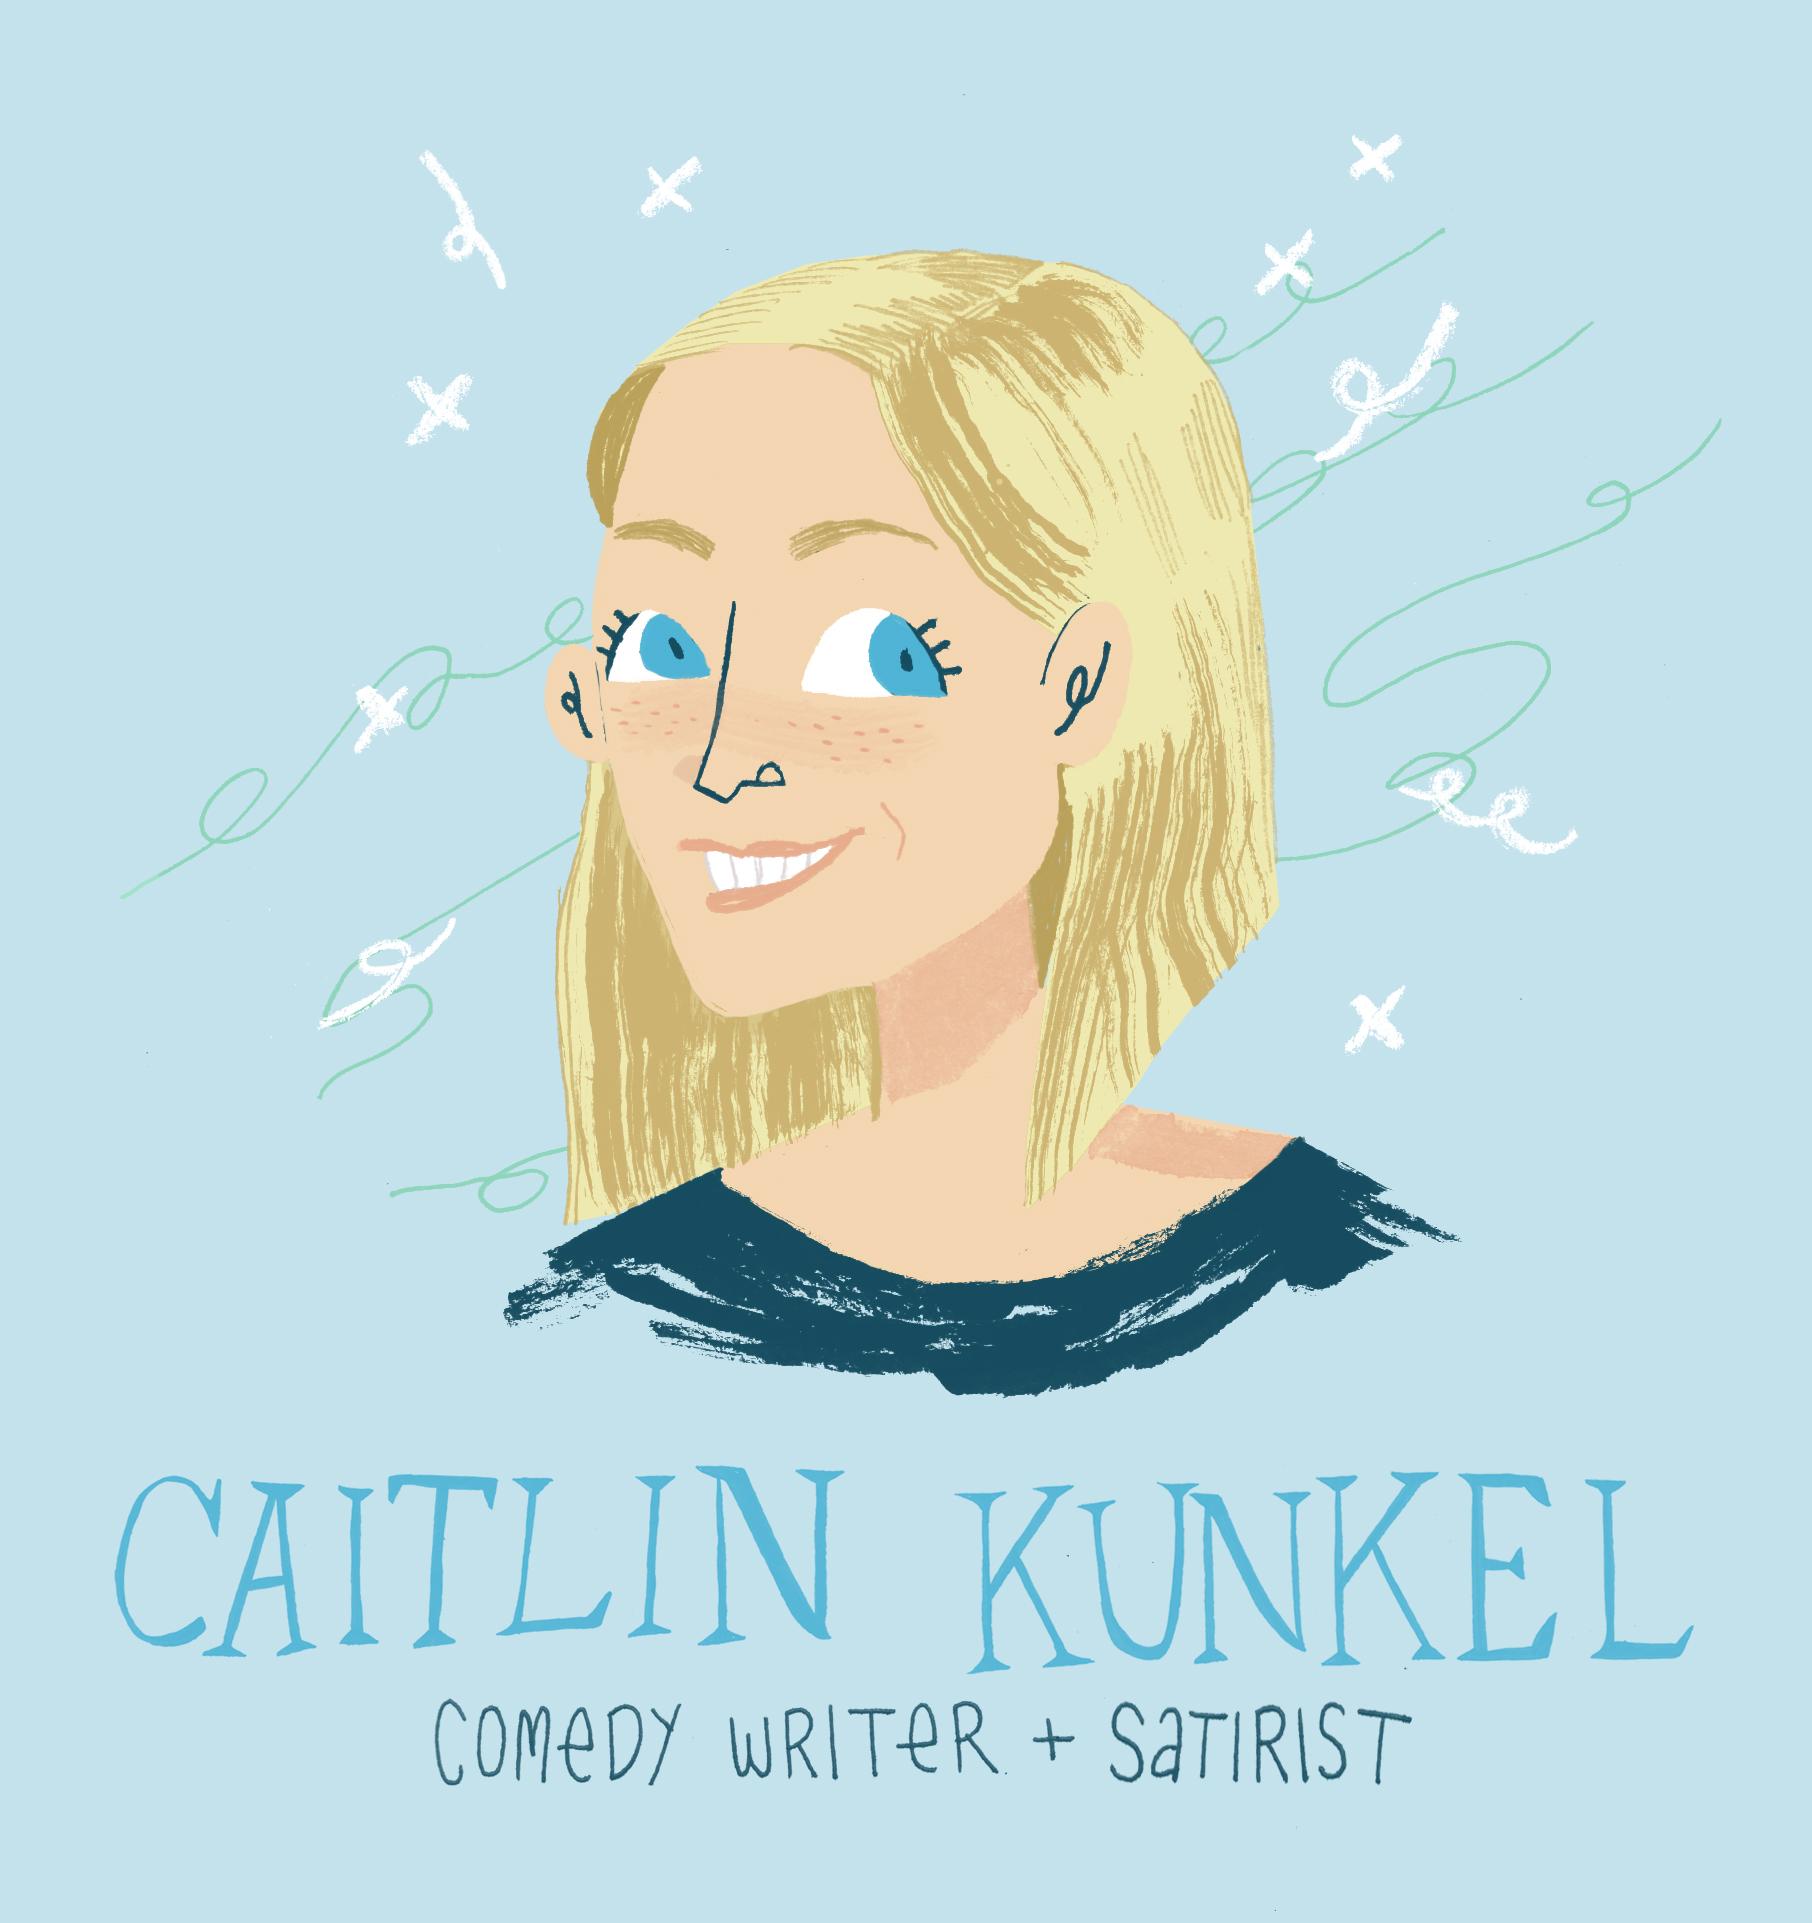 Caitlin Kunkel